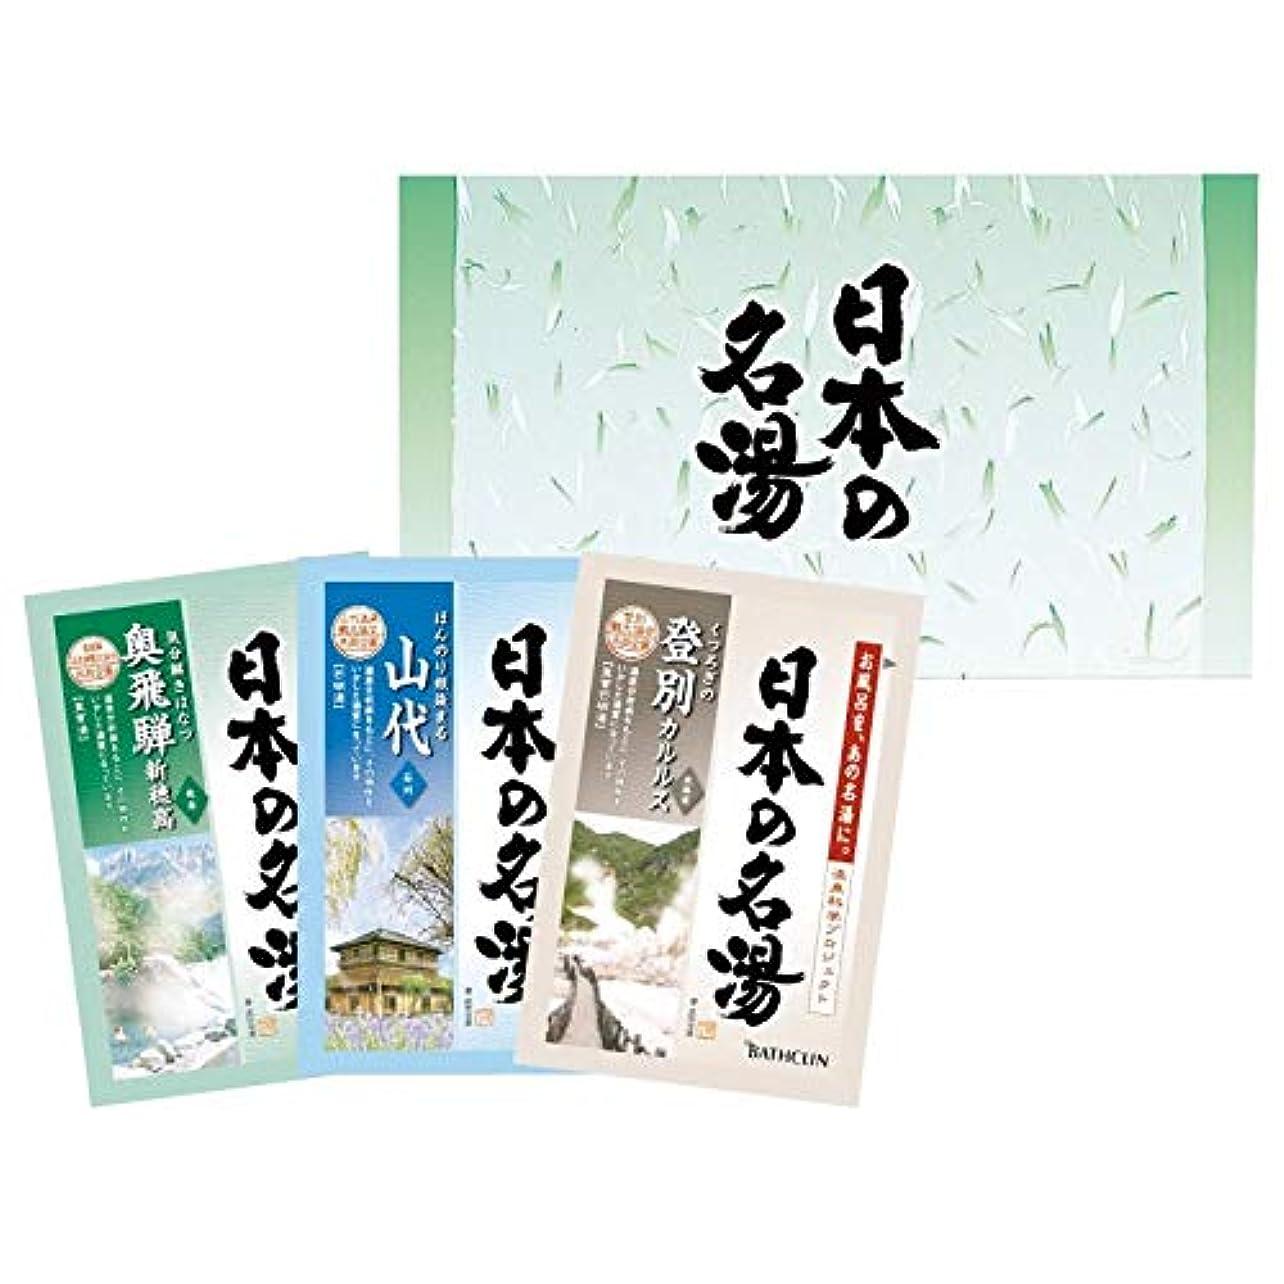 契約したその後単語バスクリン 日本の名湯 3包セット OT-2D 【お風呂 つめあわせ お楽しみ お試し 入浴剤 香り リラックス バス用品 日用品 生活品 景品 粗品 販促品 入浴グッズ】